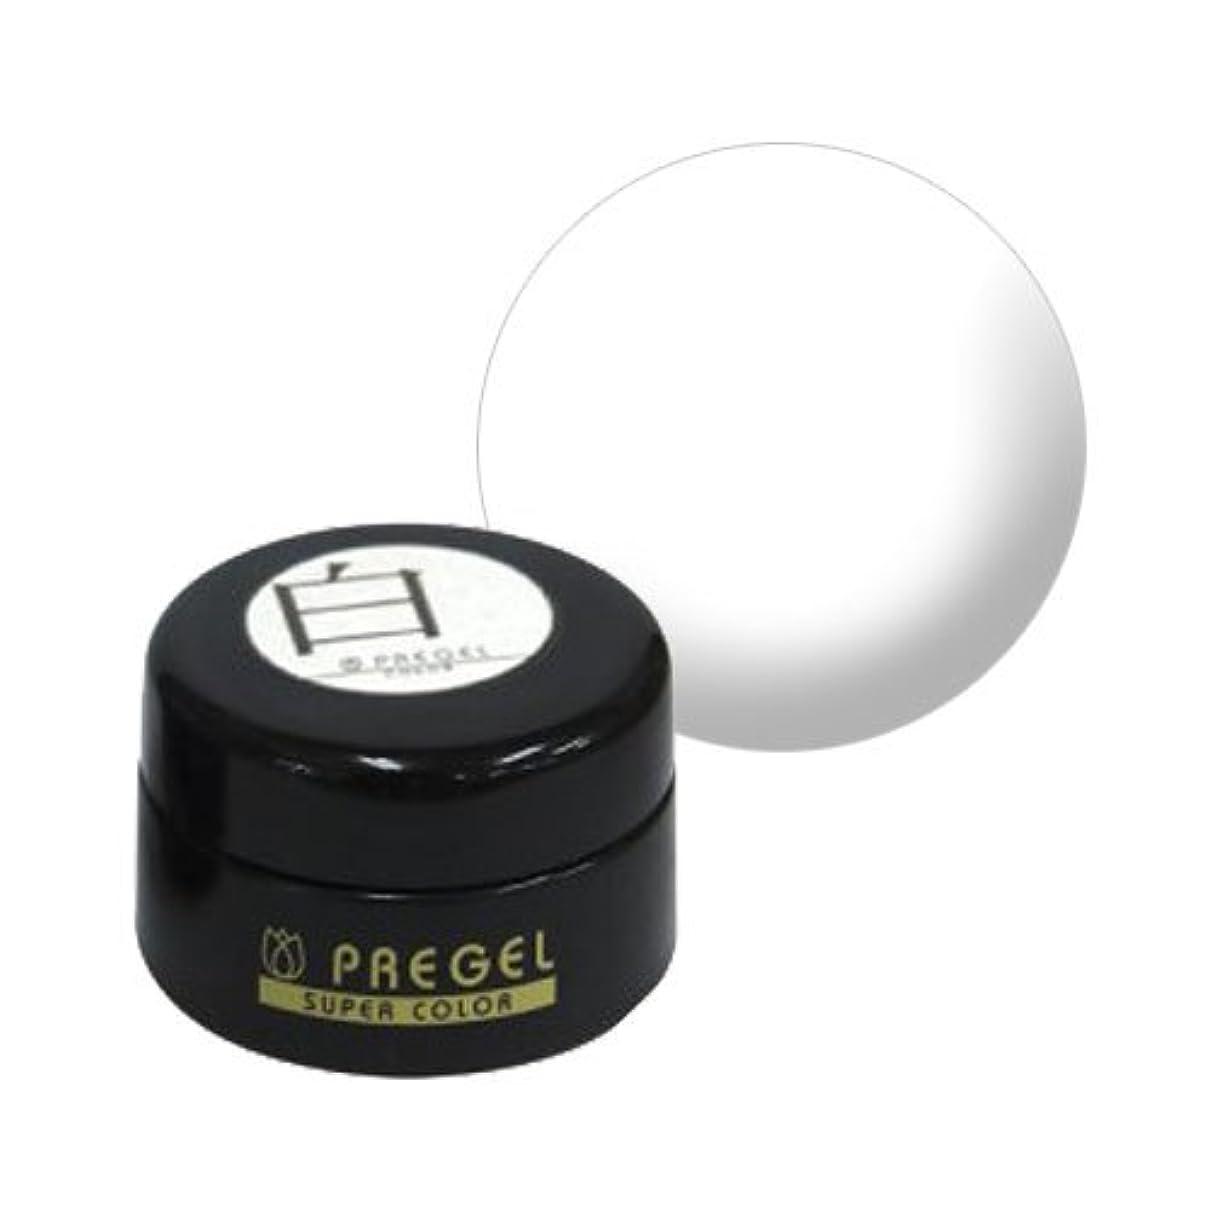 ツーリスト郊外簡略化する【PREGEL】カラーEx 白 / PG-CE110 【UV&LED】プリジェル カラージェル ジェルネイル用品